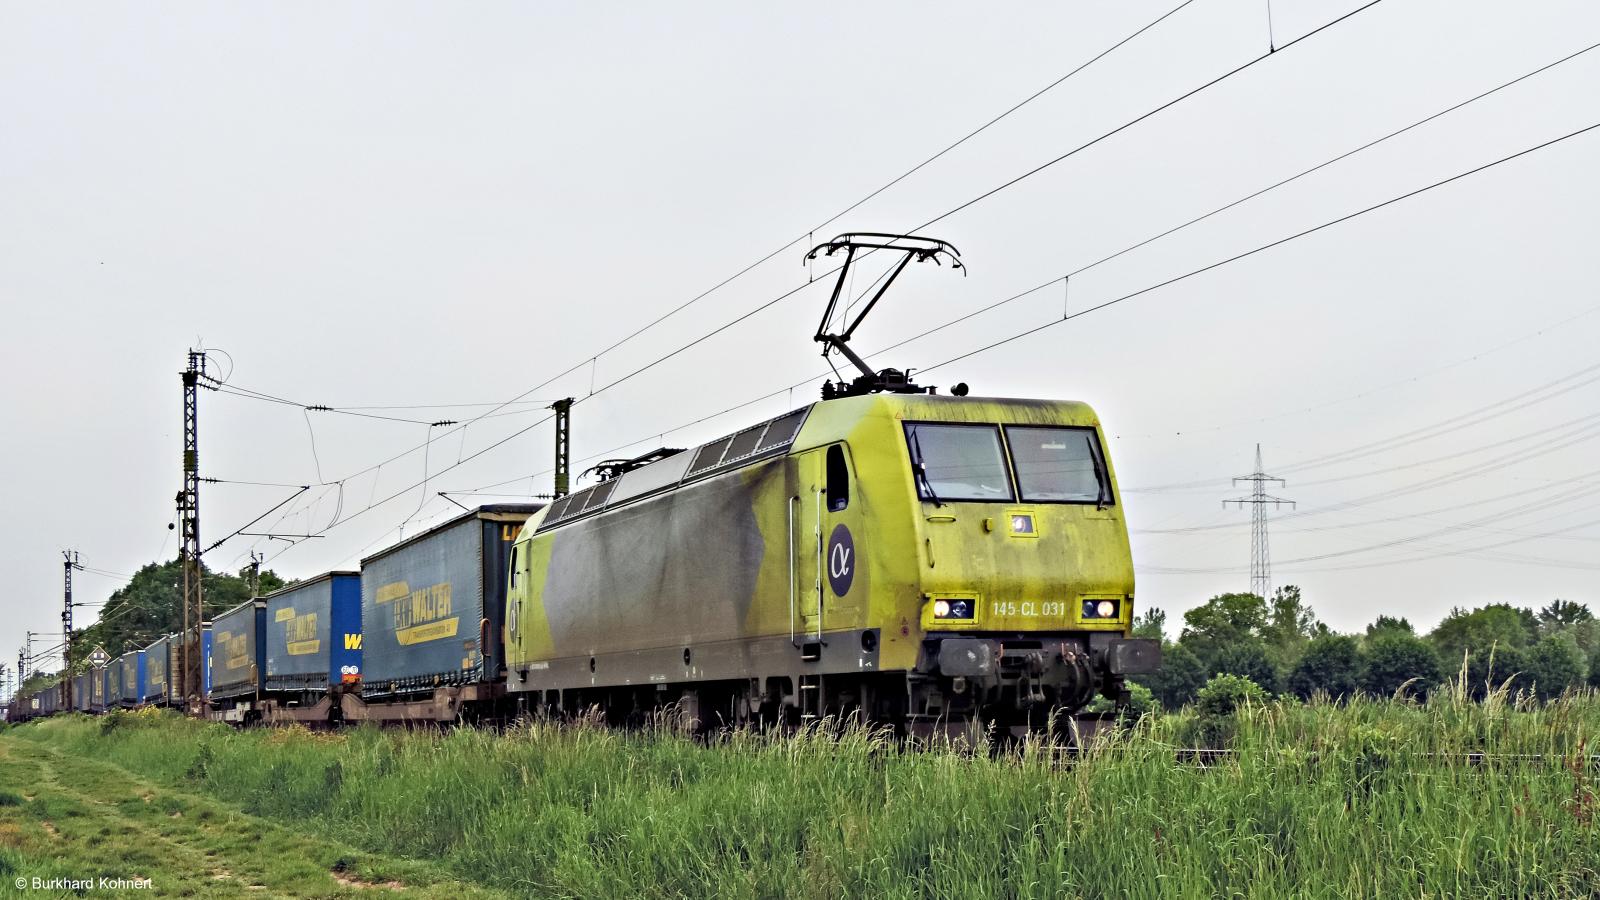 145 CL 031 Alpha Trains